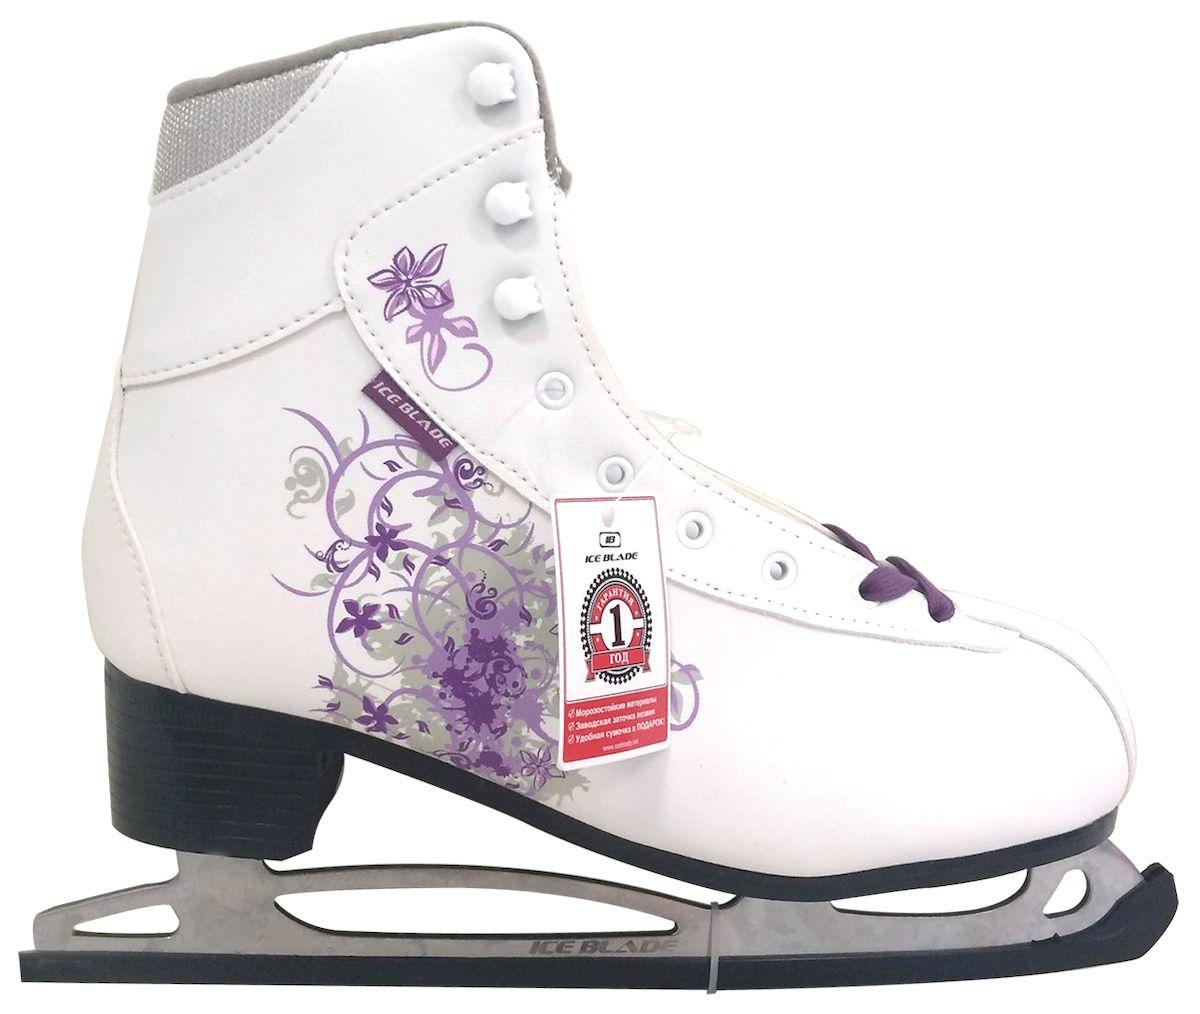 Коньки фигурные Ice Blade Sochi, цвет: белый, фиолетовый. УТ-00004988. Размер 36